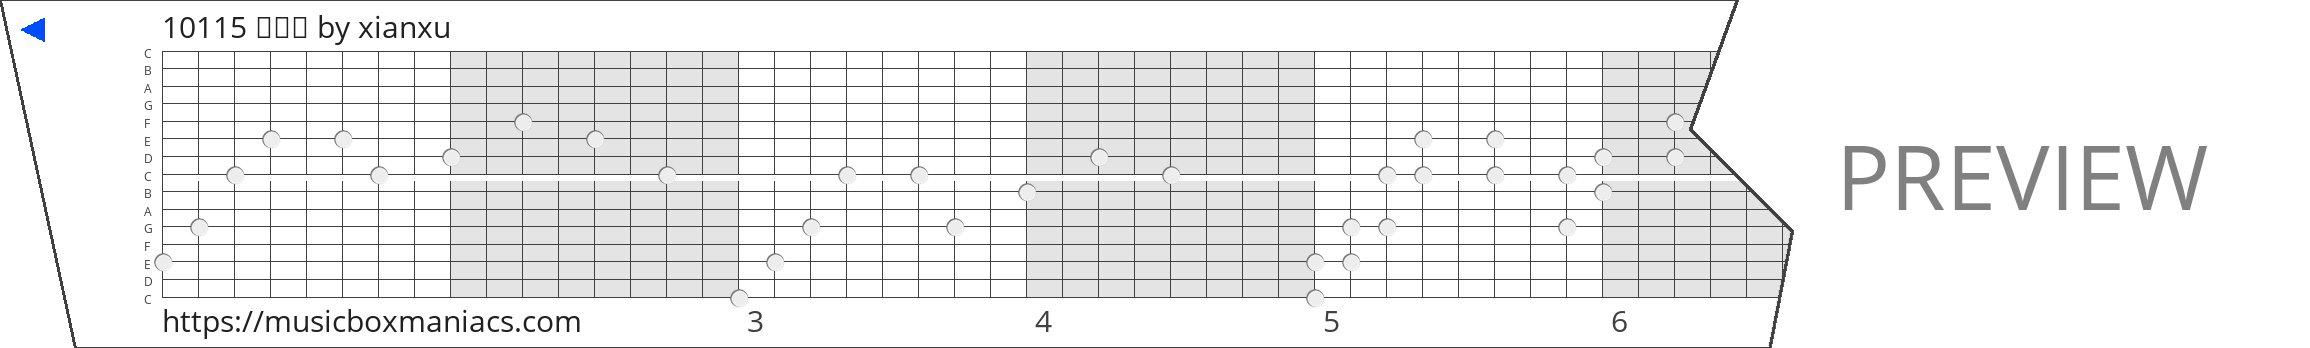 10115 조현서 15 note music box paper strip